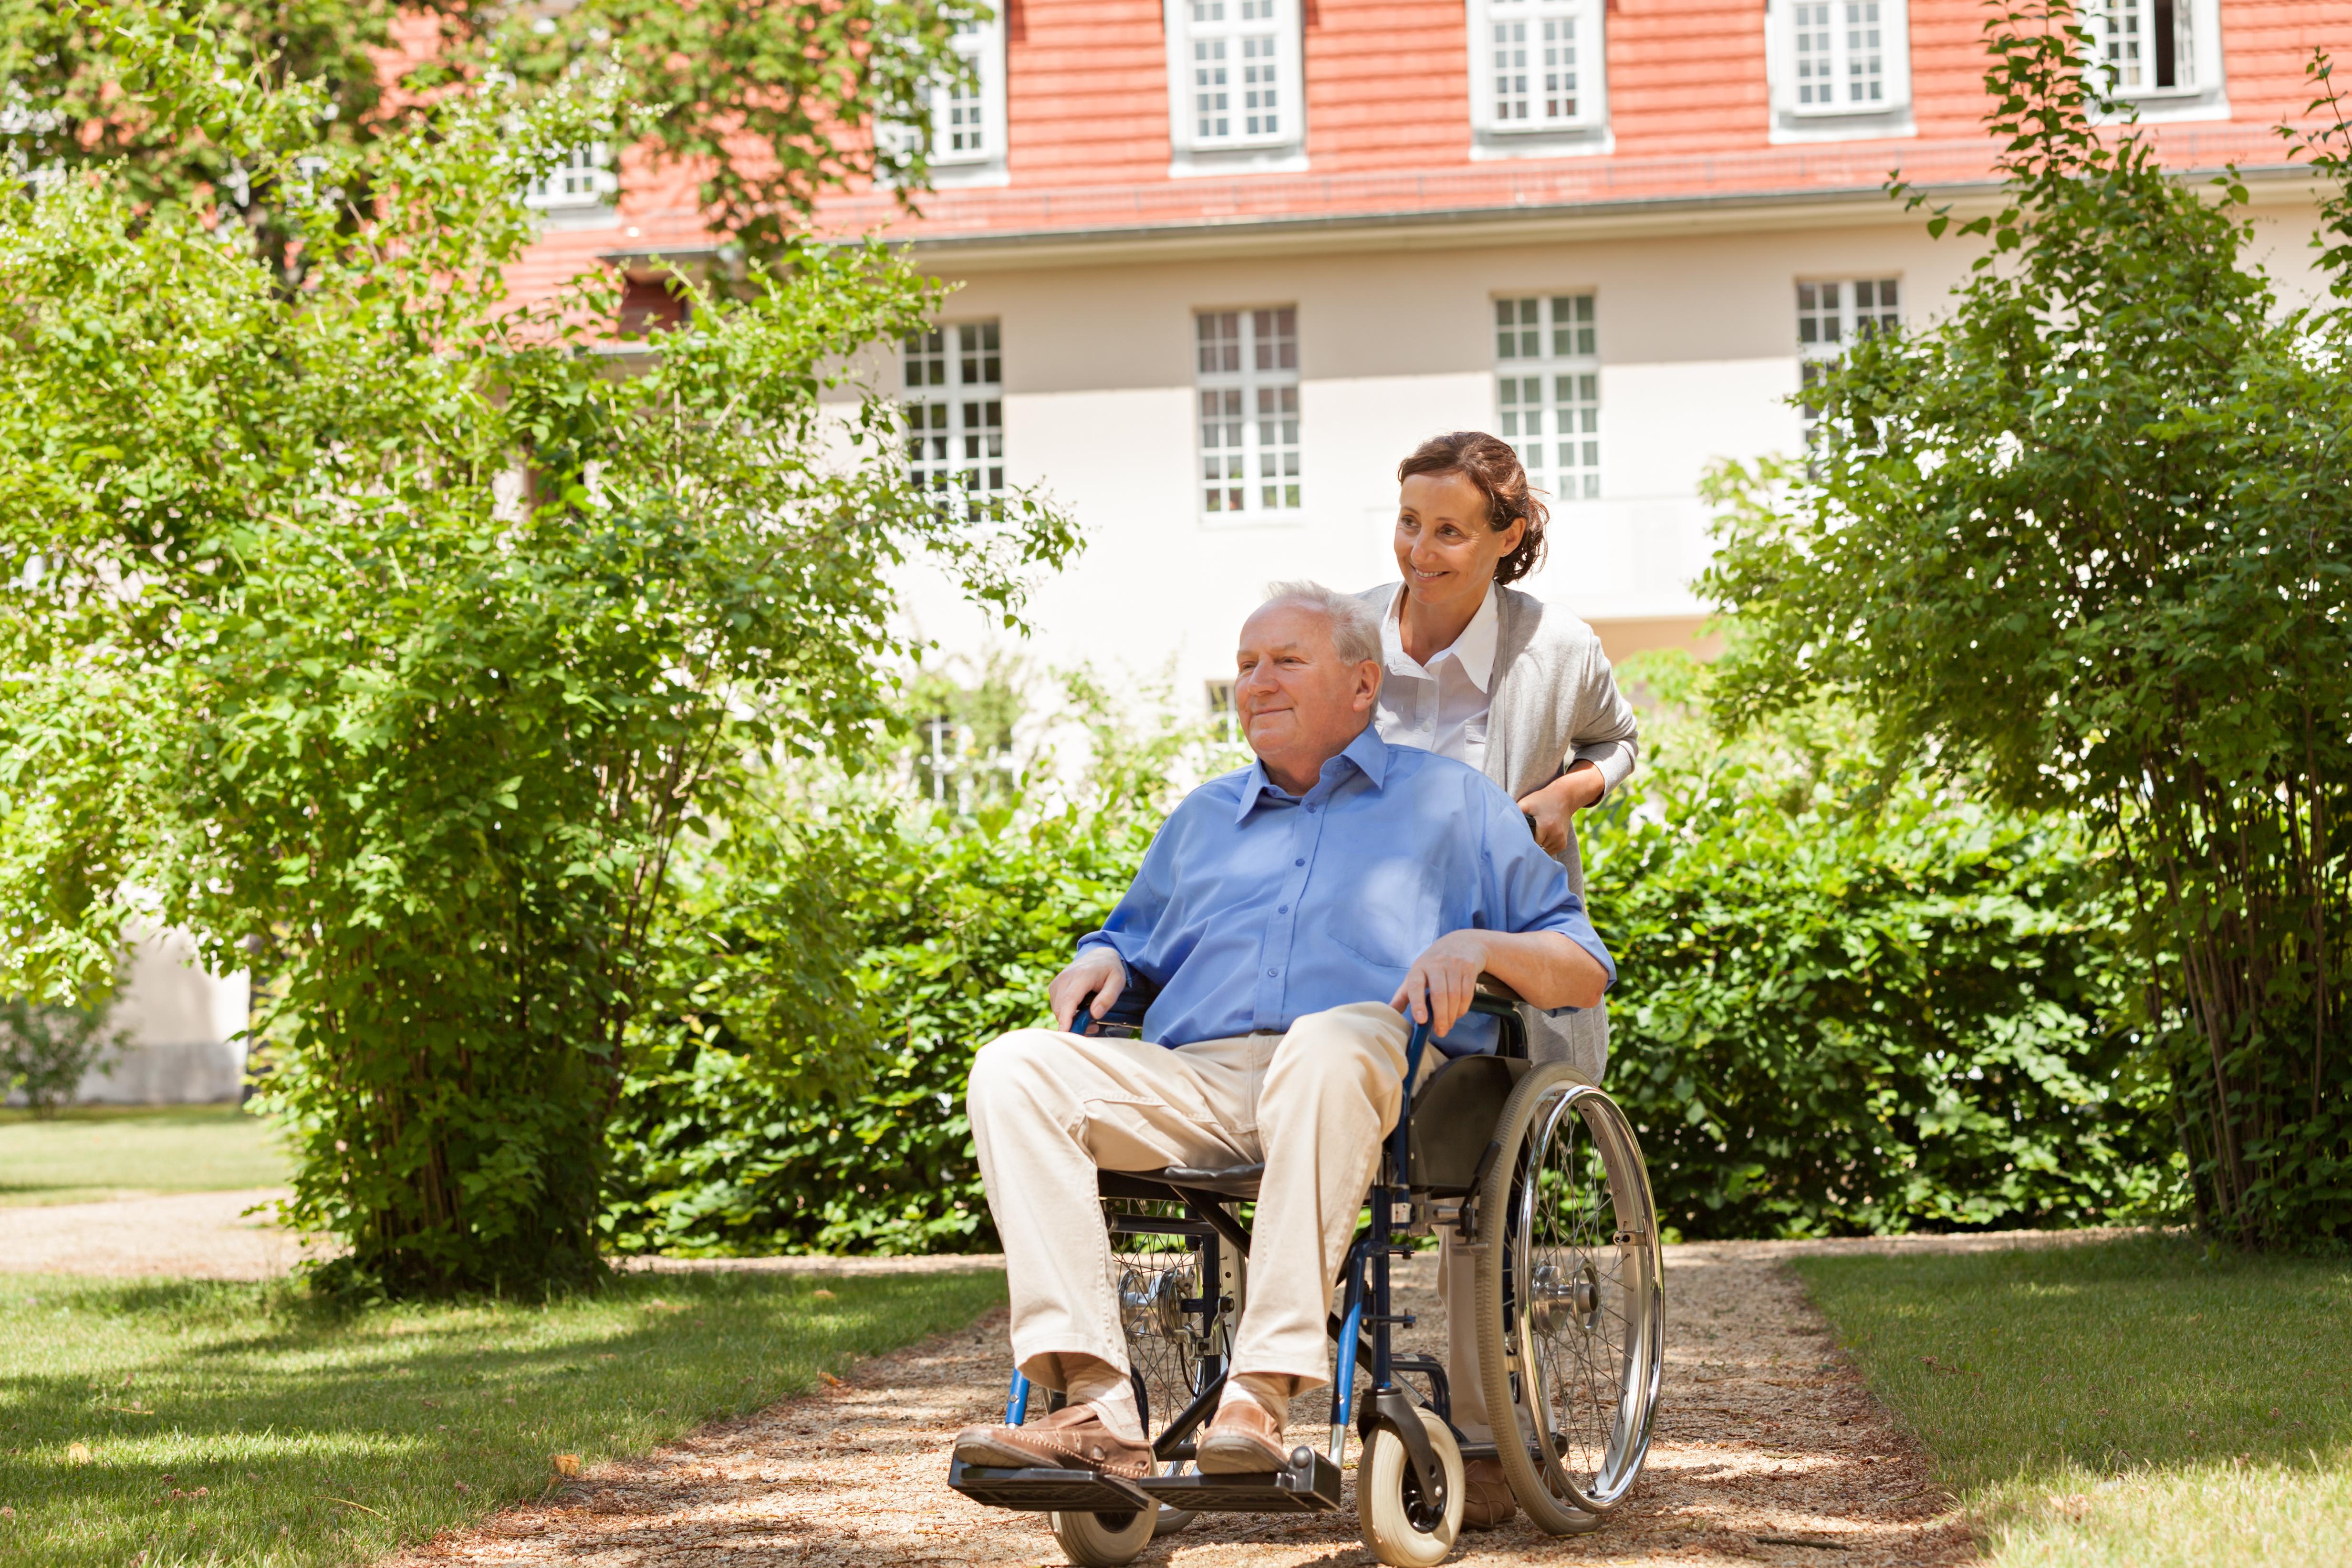 Healthy homes planned under NHS scheme